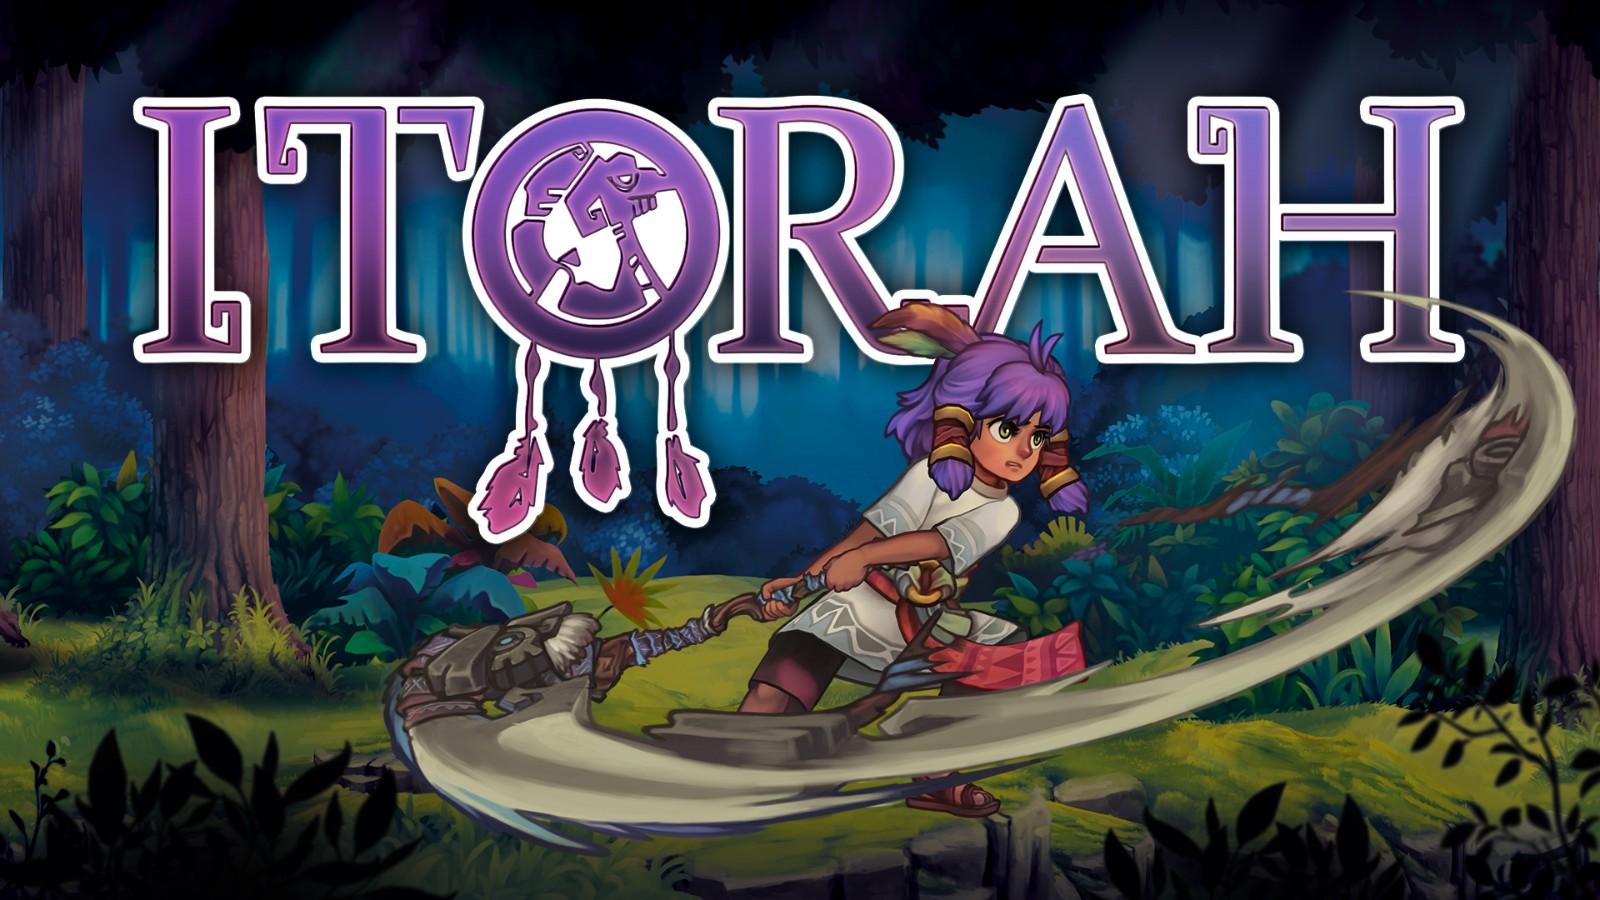 2D手绘动作游戏《ITORAH》年内登陆Steam